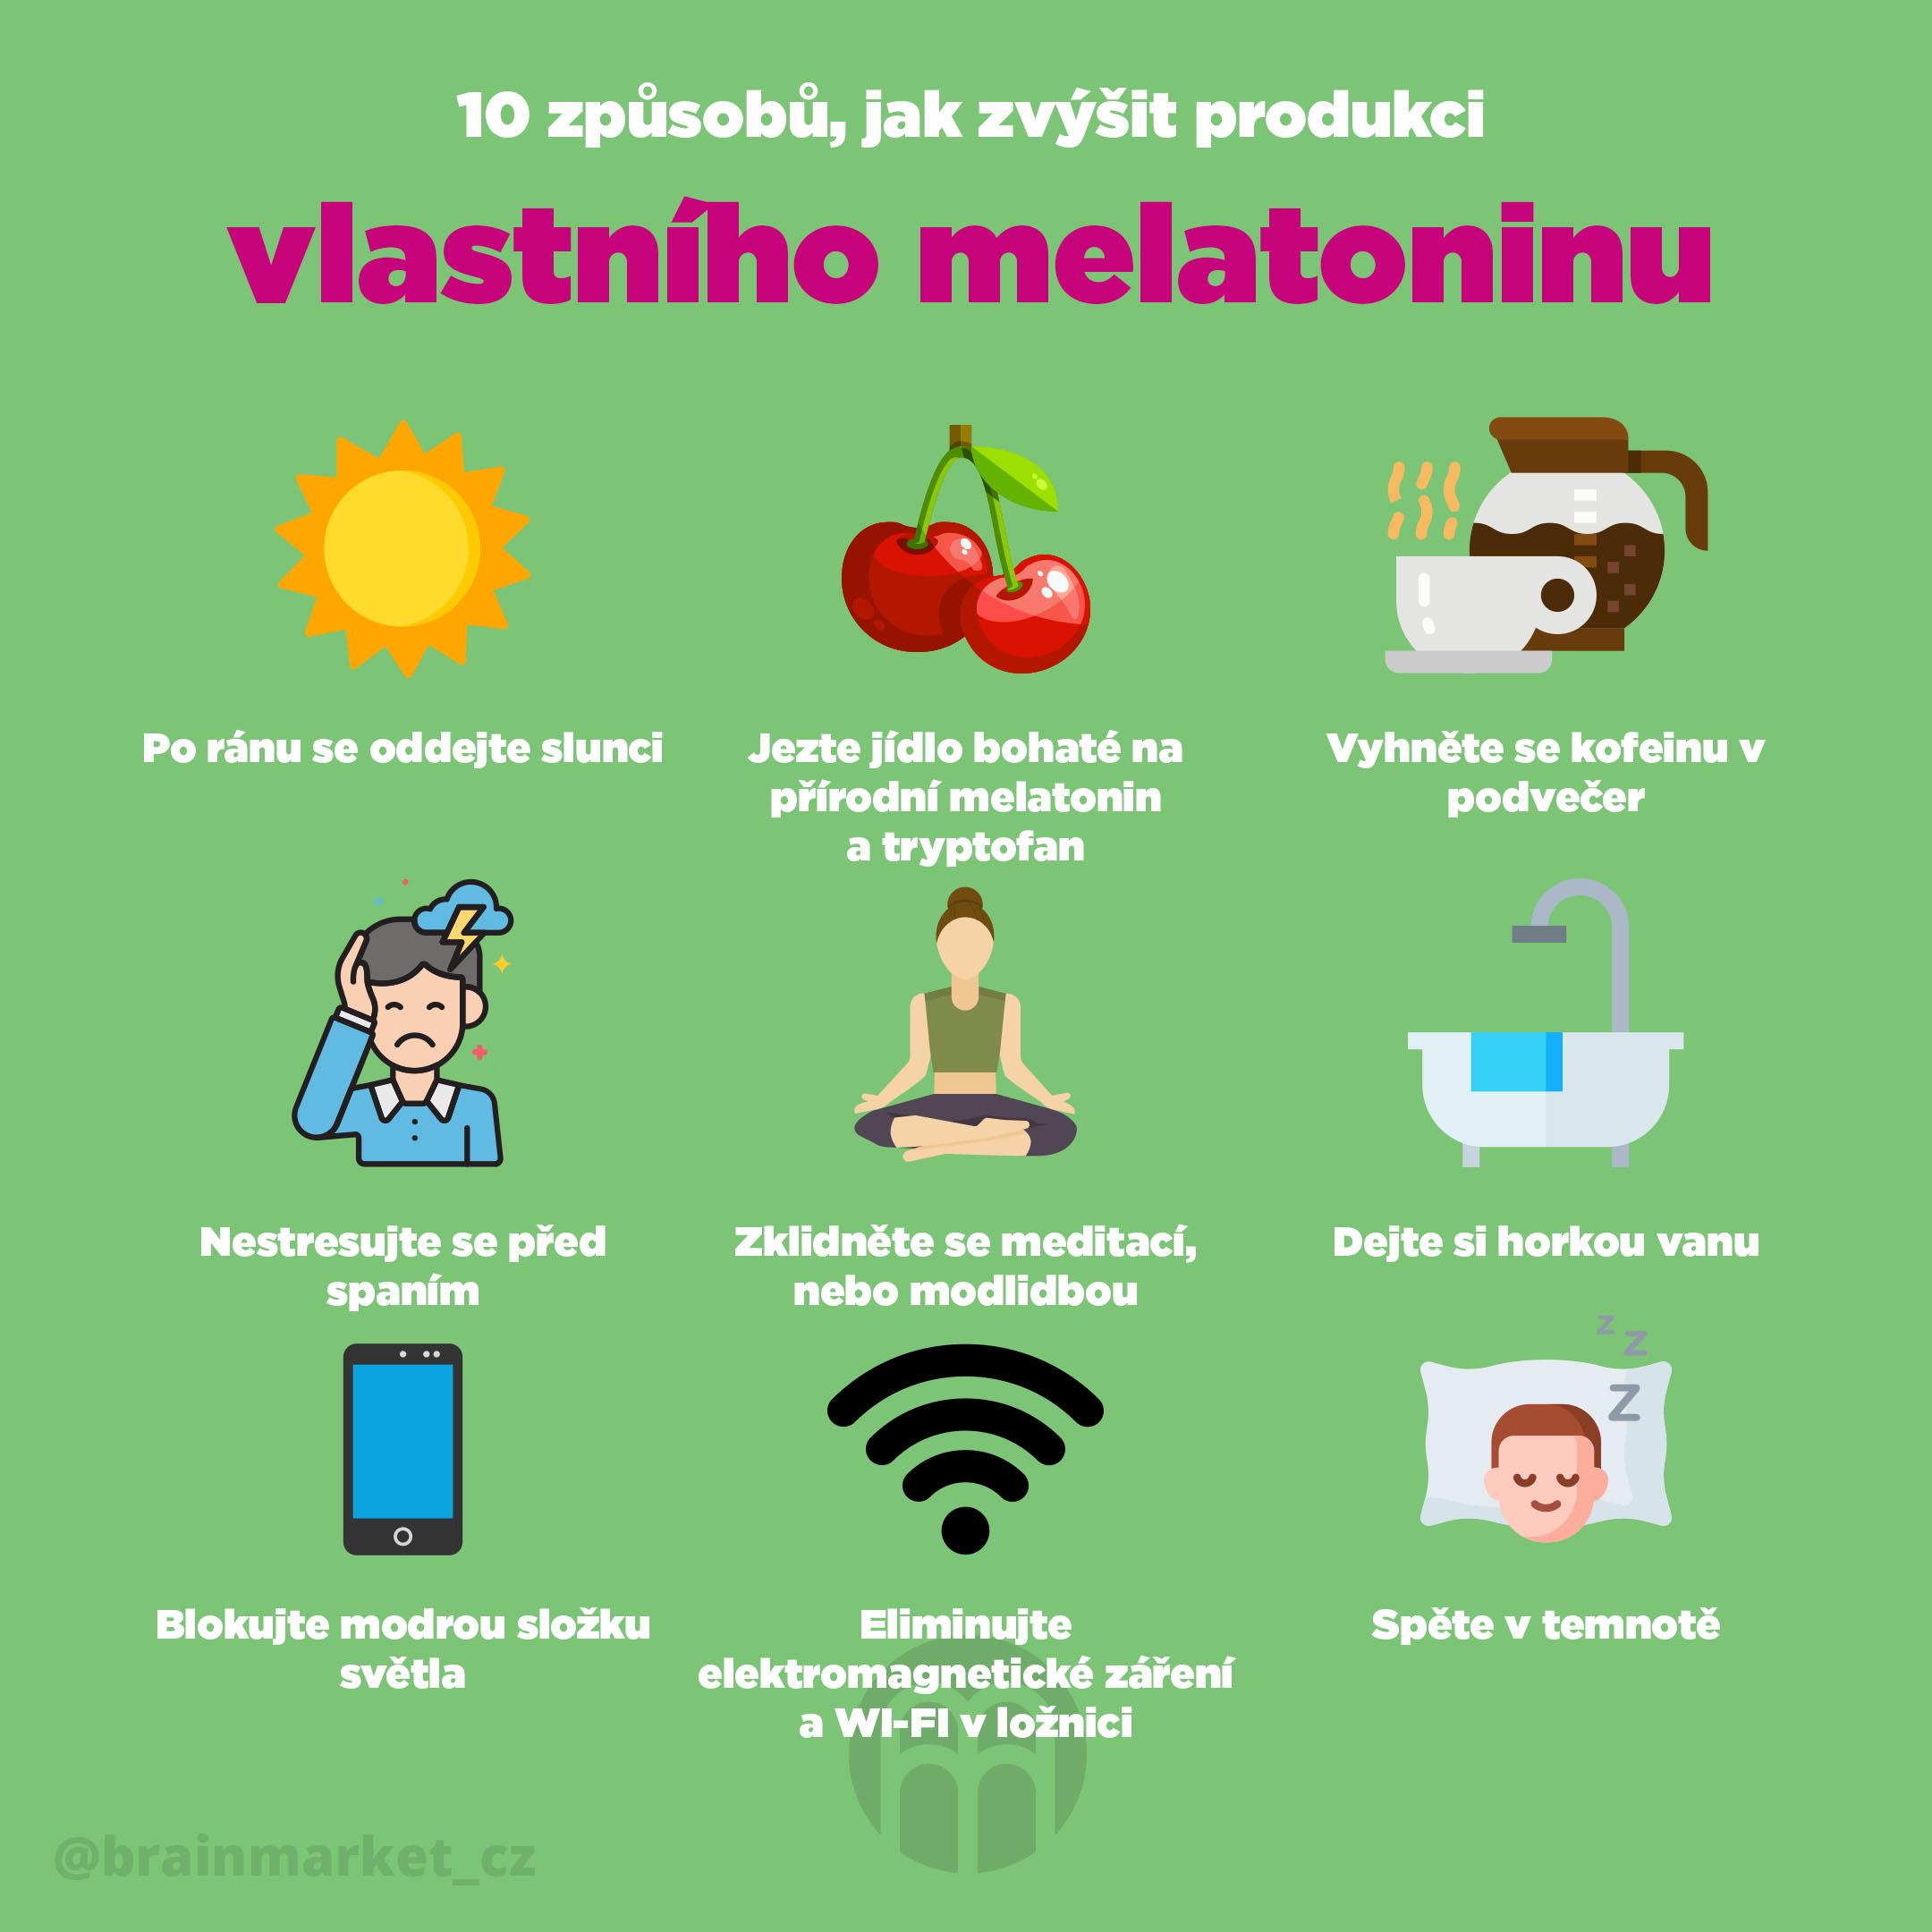 10-zpusobu-jak-zvysit-produkci-vlastniho-melatonin-cz